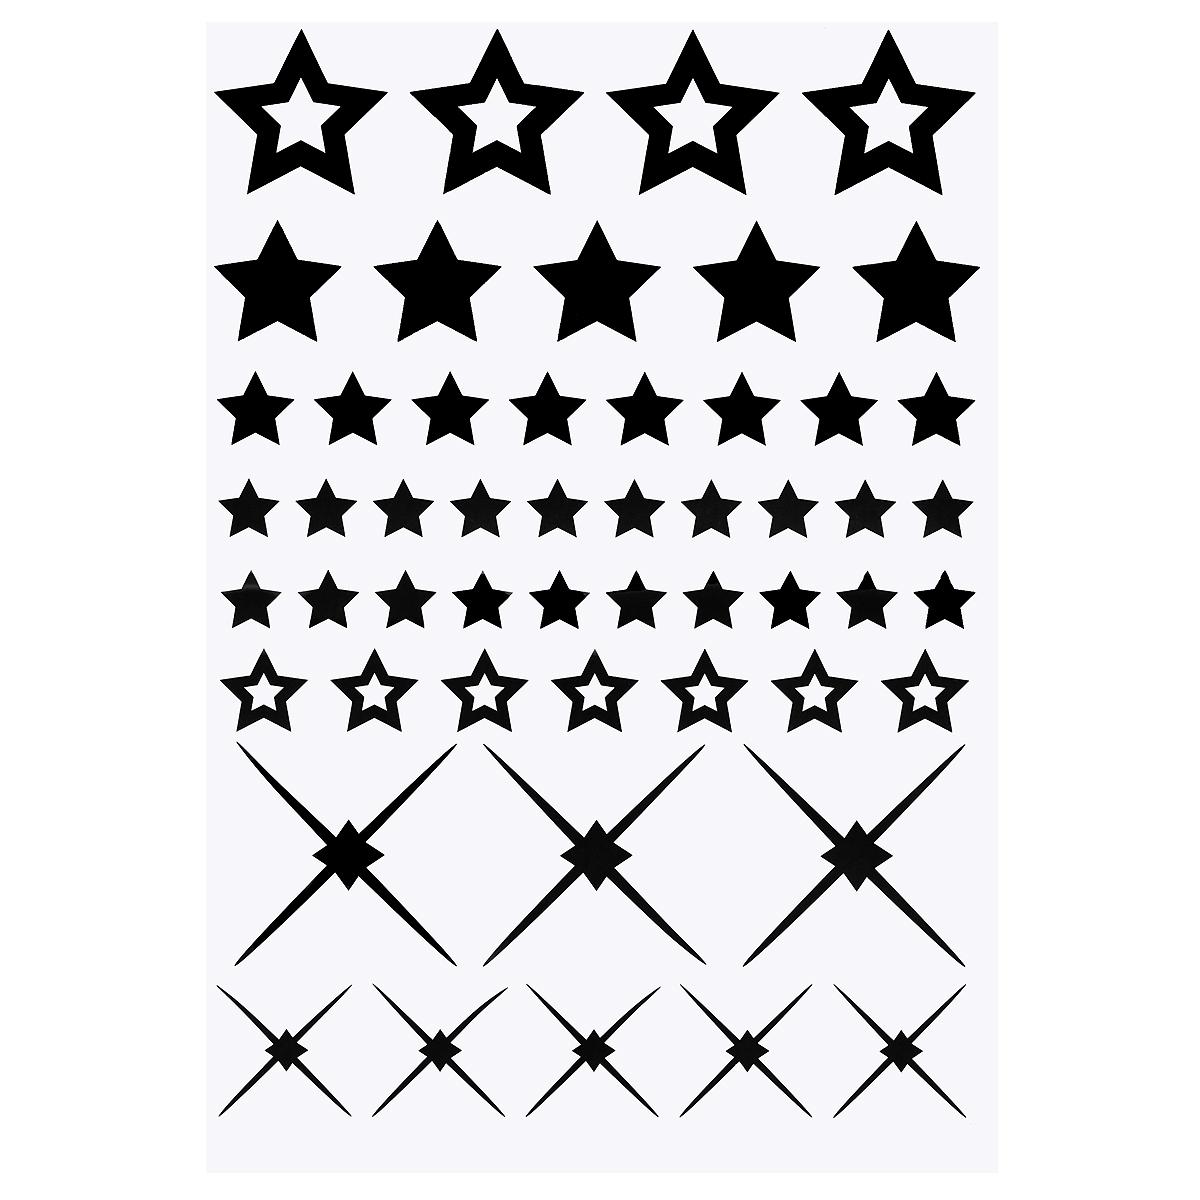 Стикер Paristic Звезды, 30 х 40 см300185_велосипедДобавьте оригинальность вашему интерьеру с помощью необычного стикера Звезды. Изображение на стикере выполнено в виде нескольких звездочек различного размера. Изображения можно разделить и разместить в любых местах в выбранном вами помещении, создав тем самым необычную композицию. Необыкновенный всплеск эмоций в дизайнерском решении создаст утонченную и изысканную атмосферу не только спальни, гостиной или детской комнаты, но и даже офиса. Стикер выполнен из матового винила - тонкого эластичного материала, который хорошо прилегает к любым гладким и чистым поверхностям, легко моется и держится до семи лет, не оставляя следов. Сегодня виниловые наклейки пользуются большой популярностью среди декораторов по всему миру, а на российском рынке товаров для декорирования интерьеров - являются новинкой. Paristic - это стикеры высокого качества. Художественно выполненные стикеры, создающие эффект обмана зрения, дают необычную возможность использовать в...